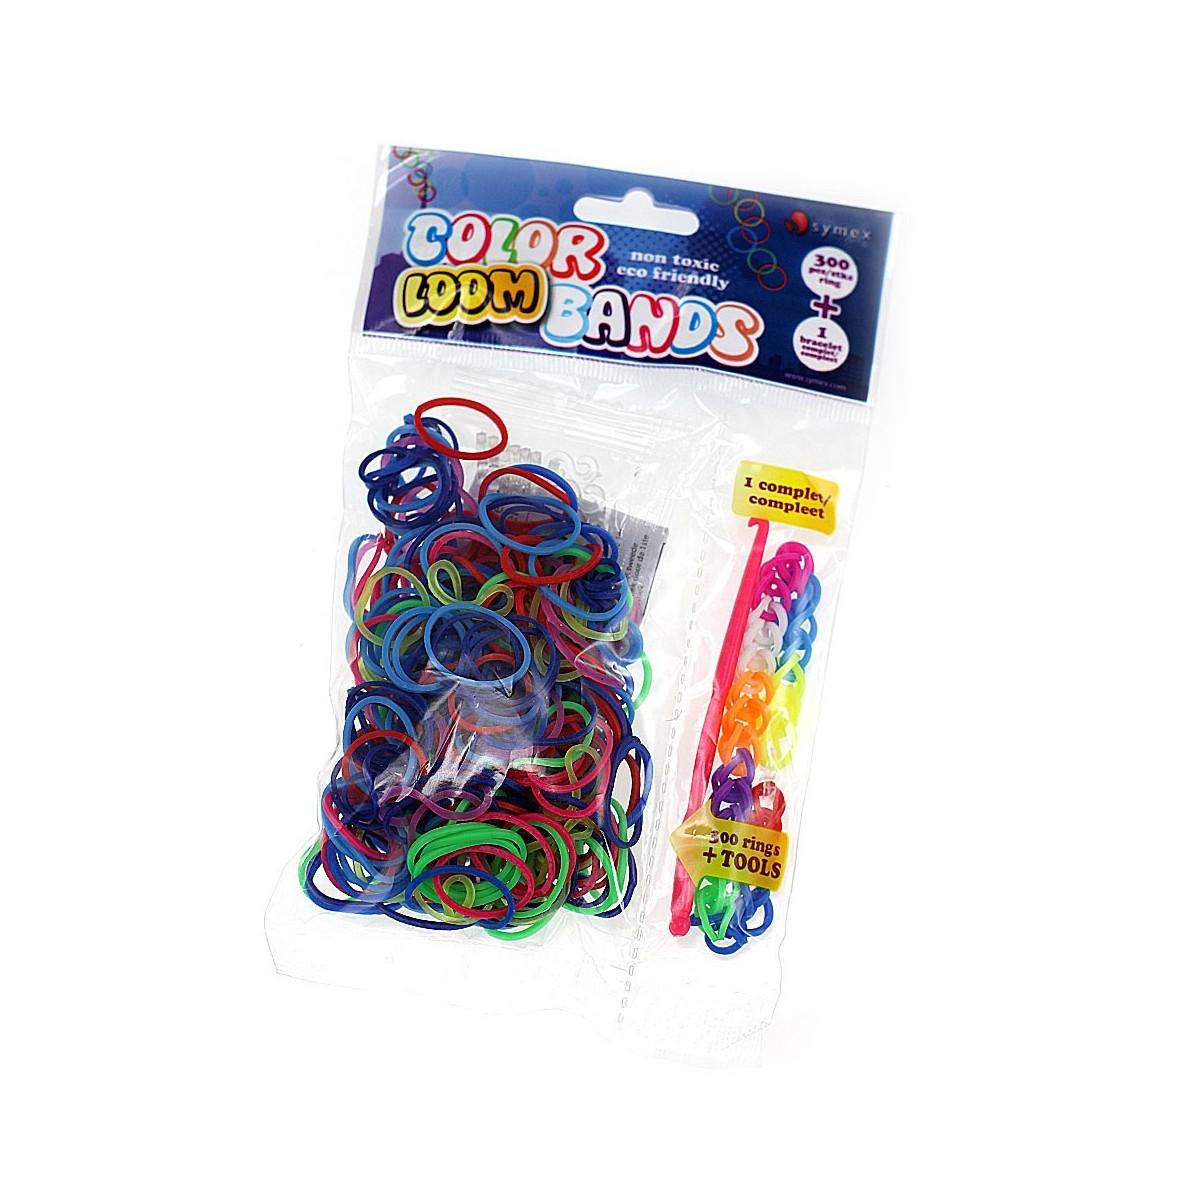 1 Bracelet + 300 élastiques color loom bands